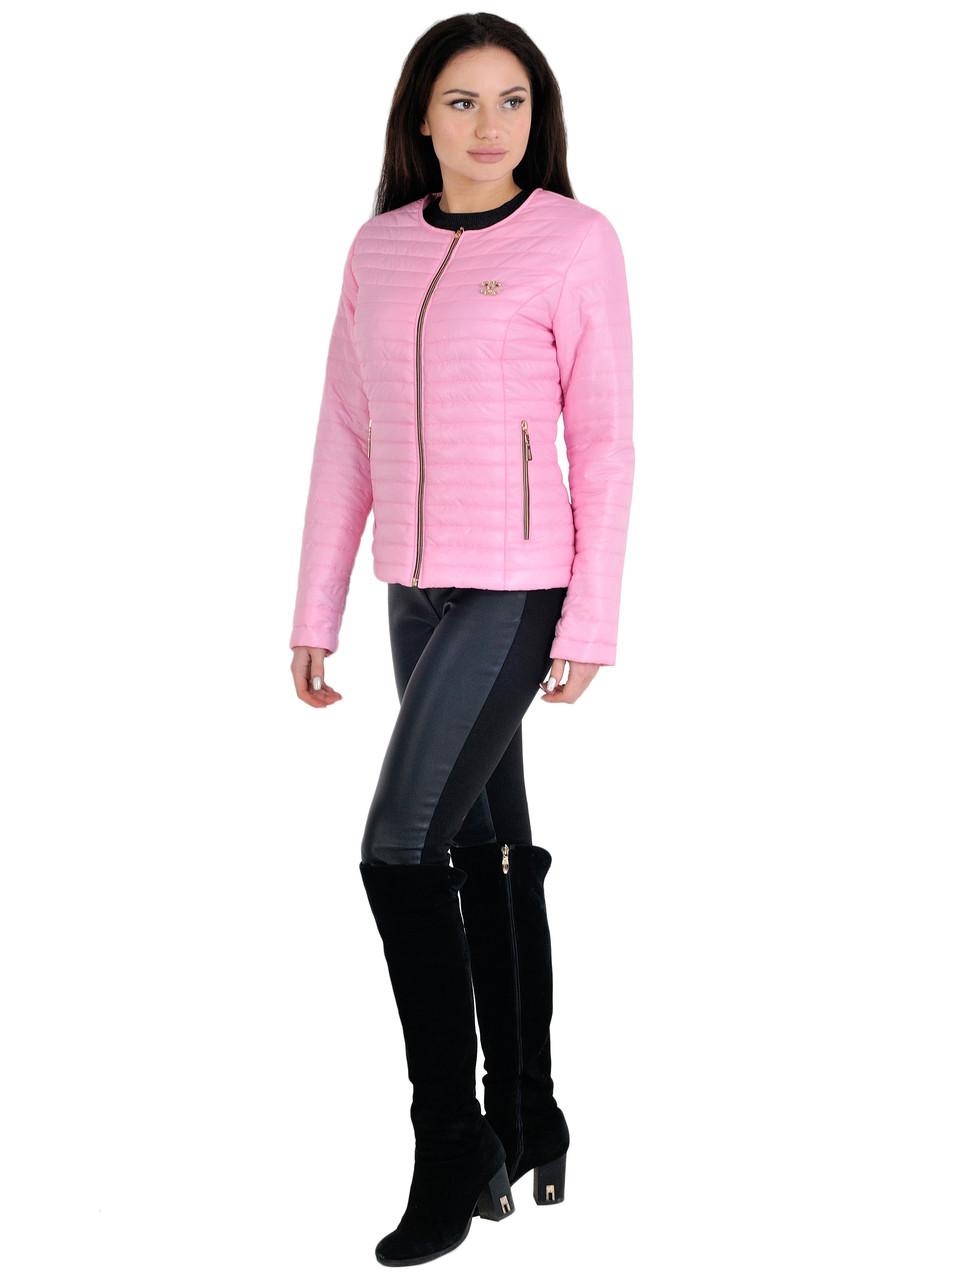 НЕДОРОГО модна демісезонна легка жіноча куртка !!!Є ВСІ РОЗМІРИ від 42 по 68